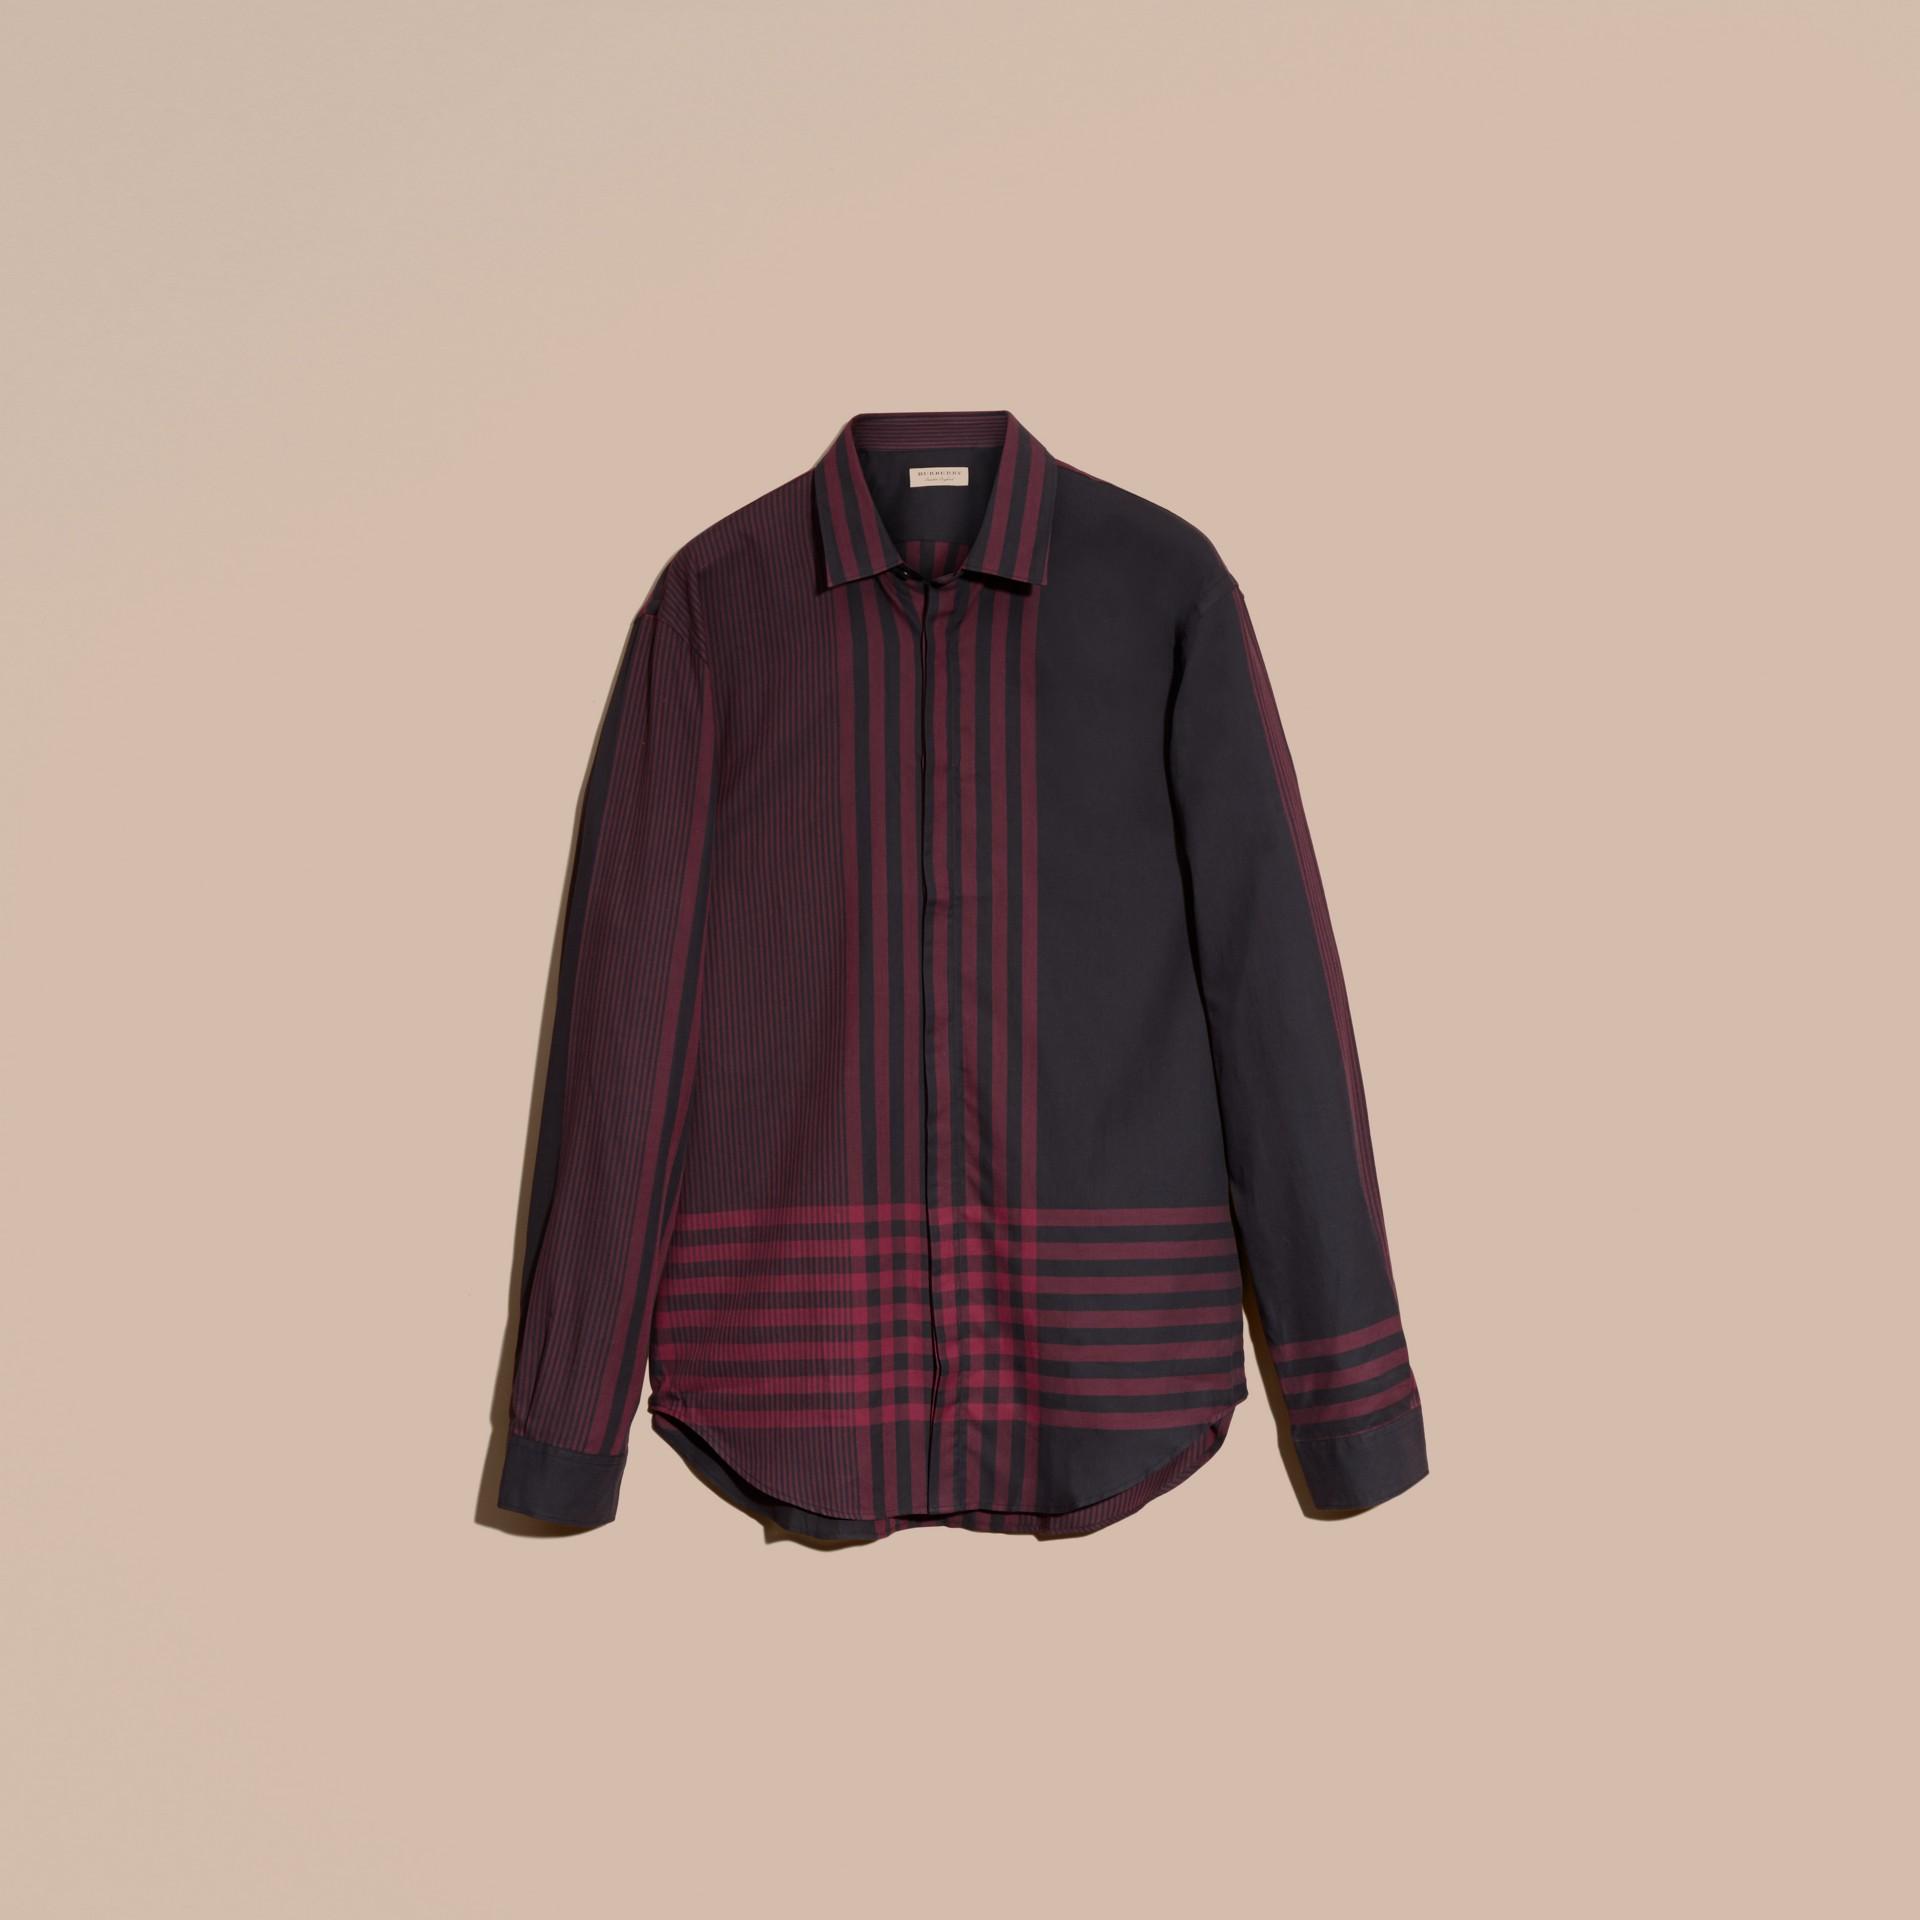 Burgundy red Camisa de algodão com estampa xadrez gráfica Burgundy Red - galeria de imagens 4